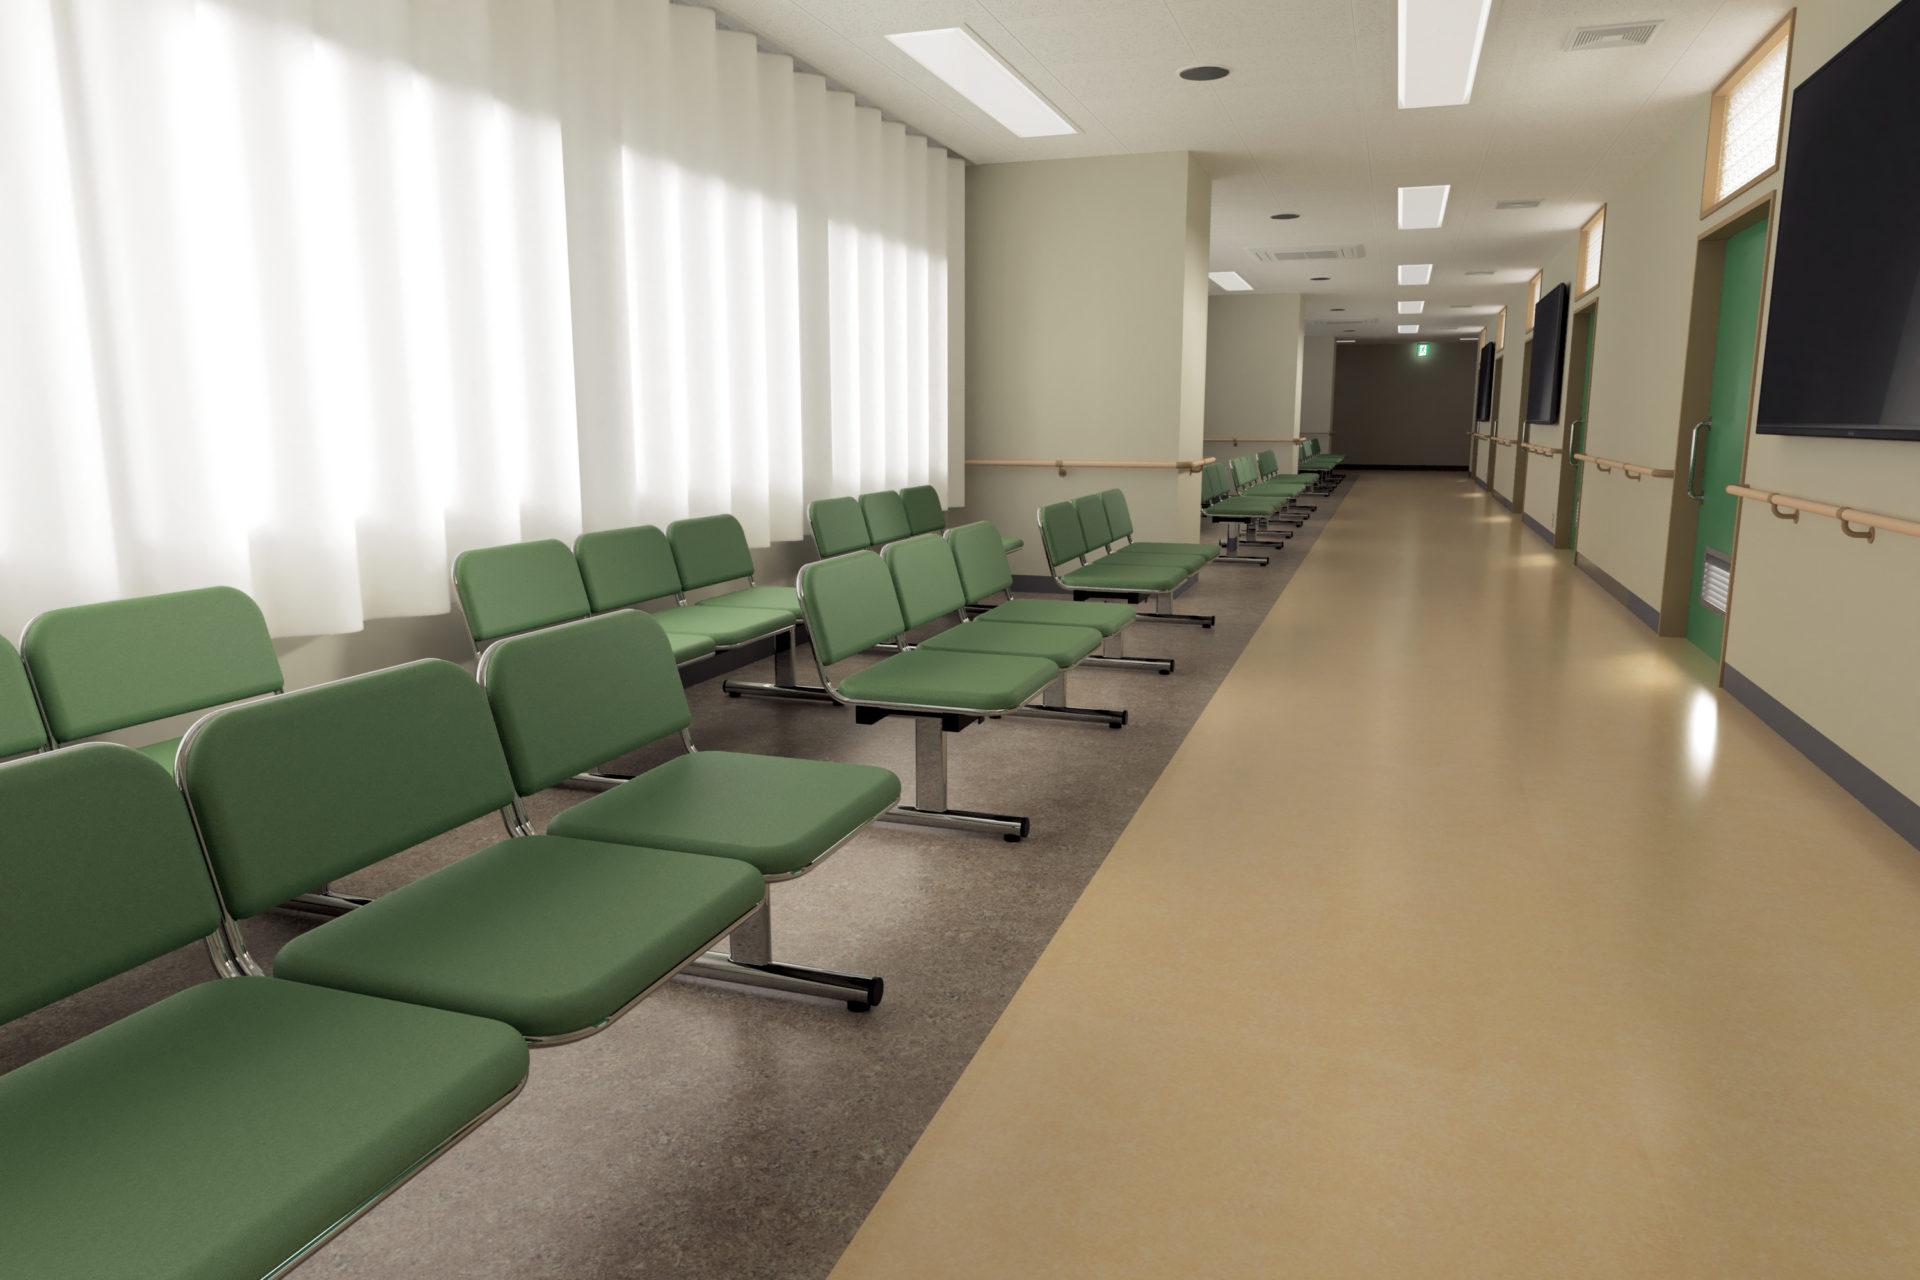 医療施設のイメージ